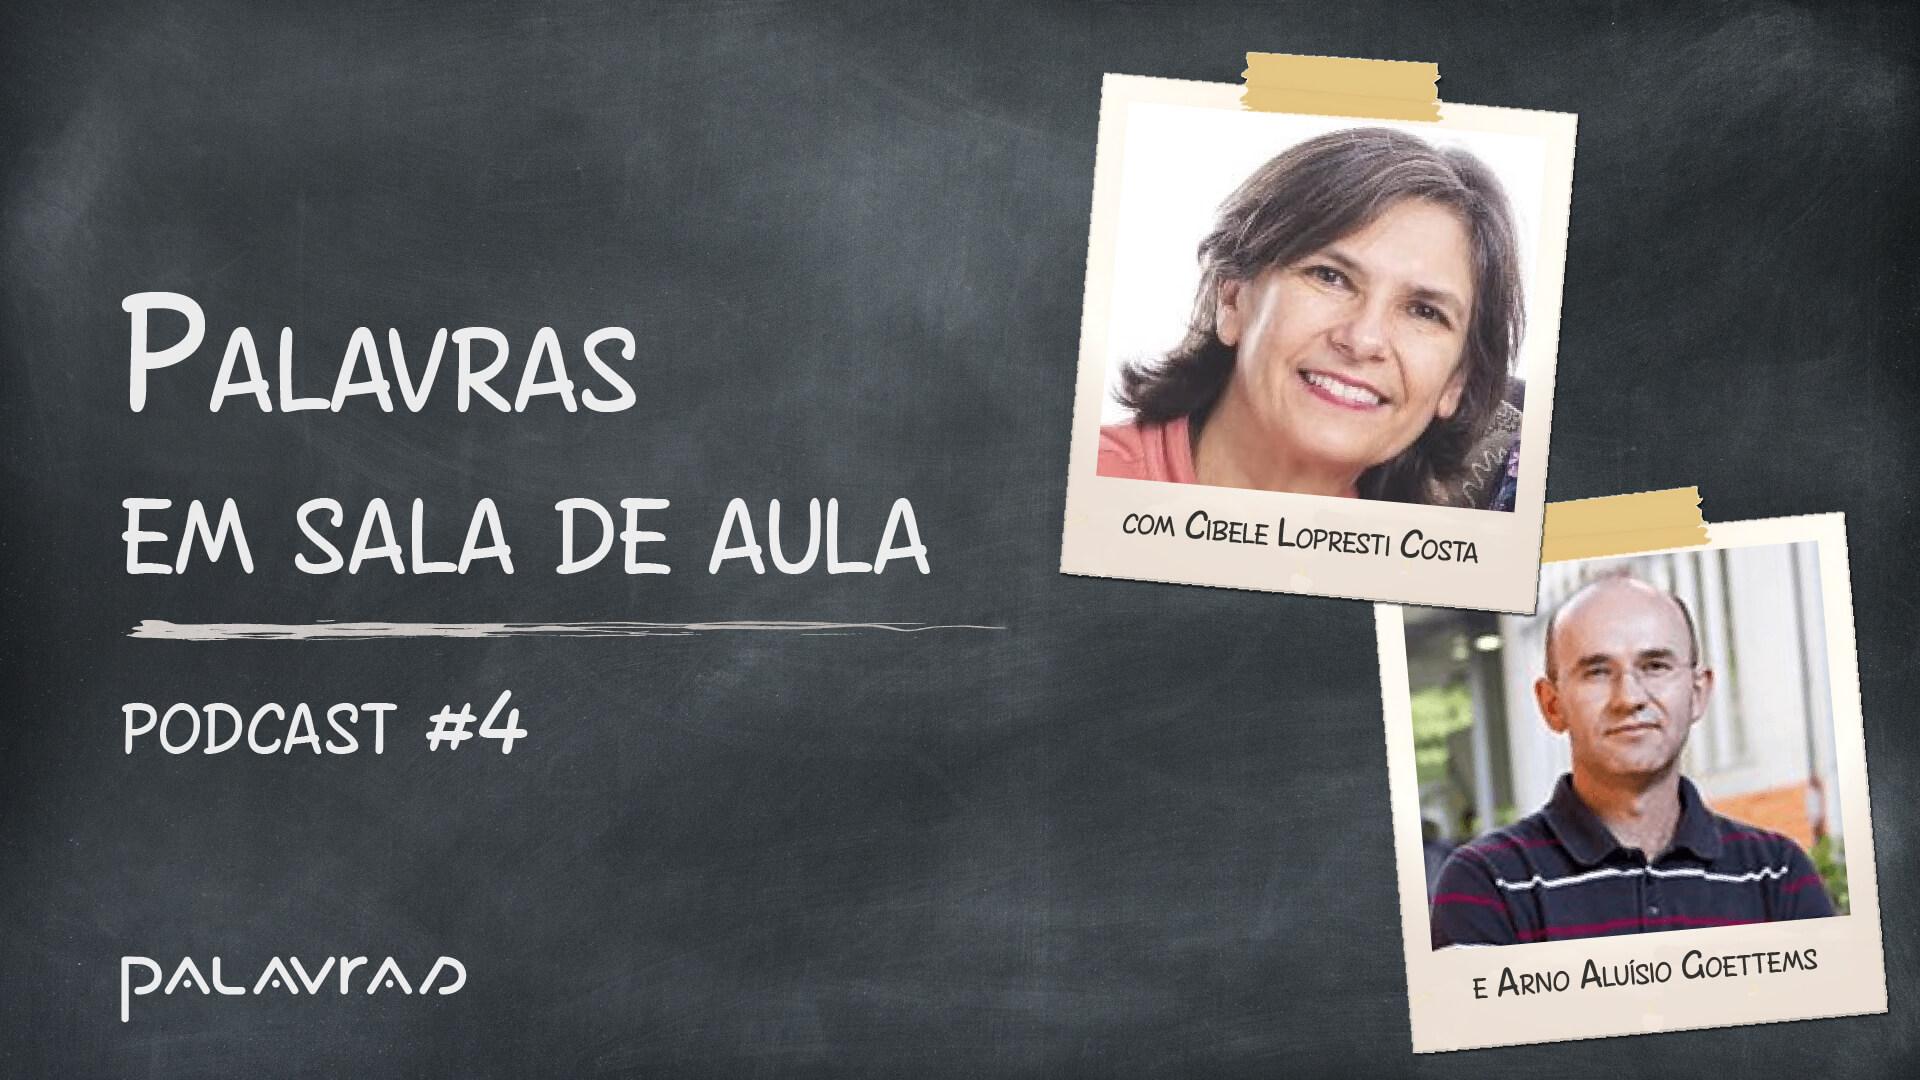 Podcast Palavras em Sala de Aula   #4: Arno Aluísio Goettems e Cibele Lopresti Costa